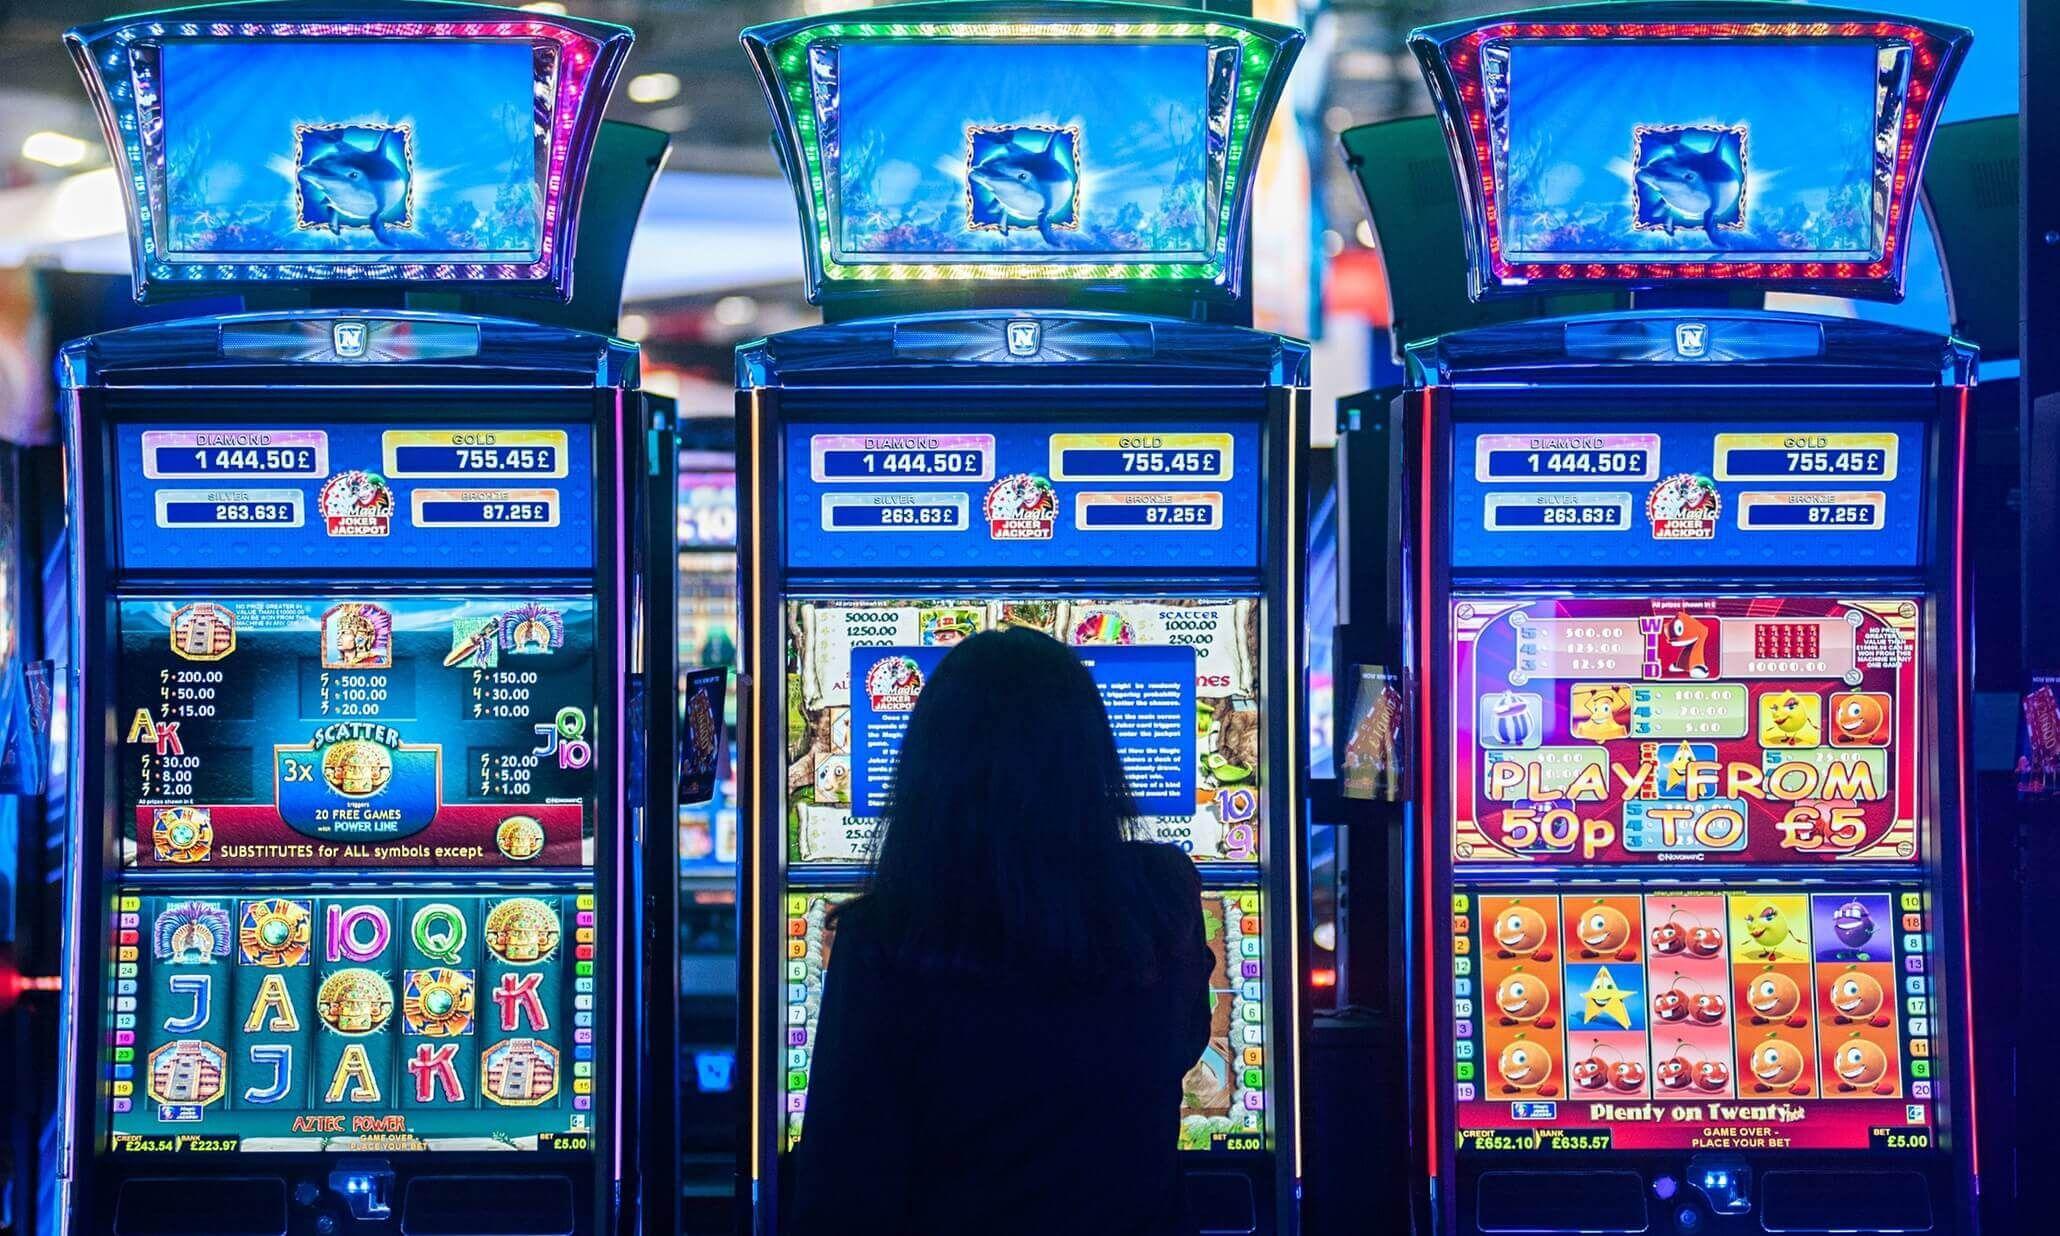 игровые автоматы гейминаторы онлайн бесплатно